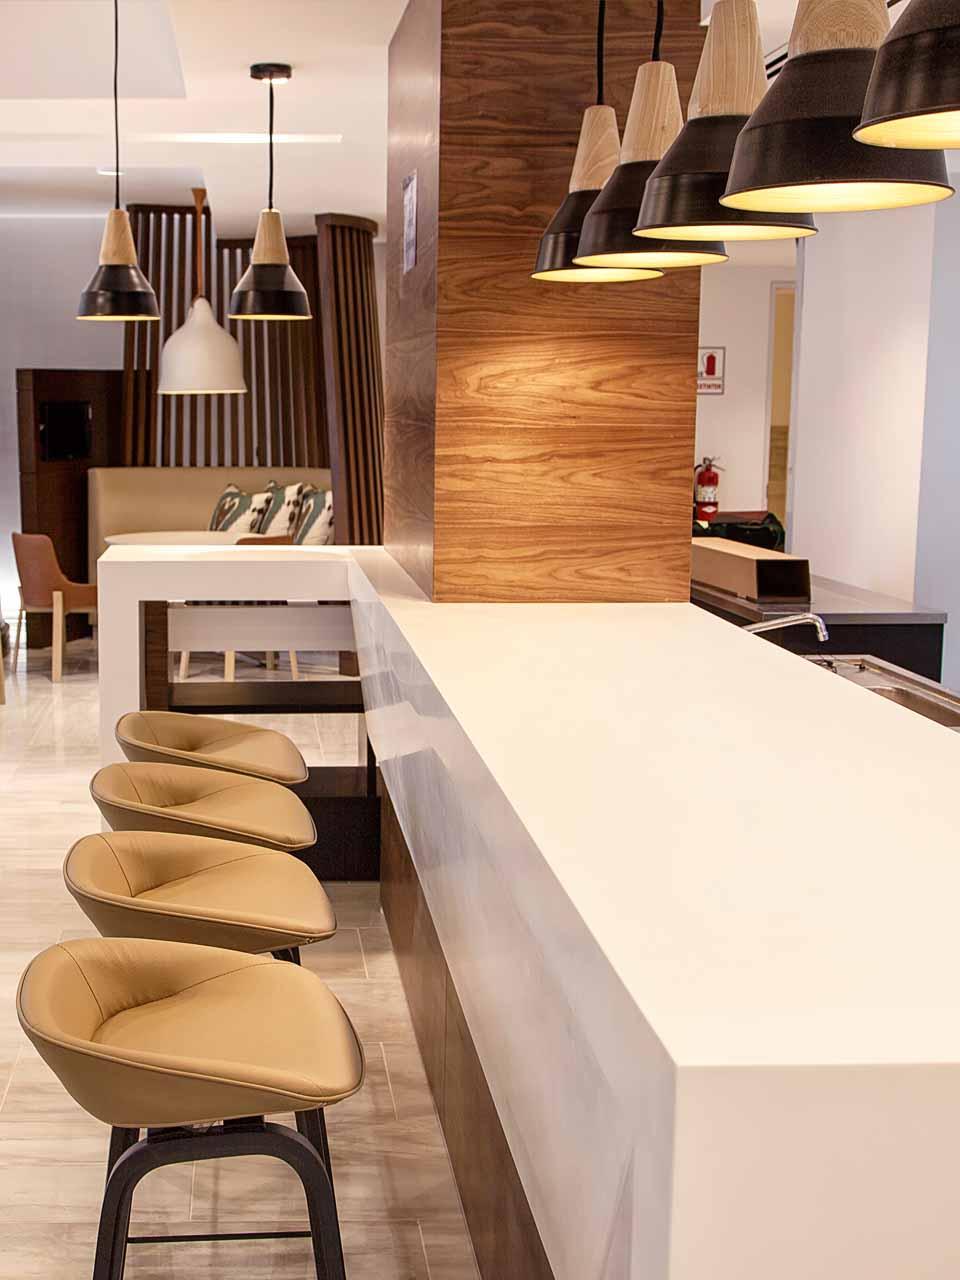 Hoteles Sapelli Mobiliario # Muebles Hoteleros